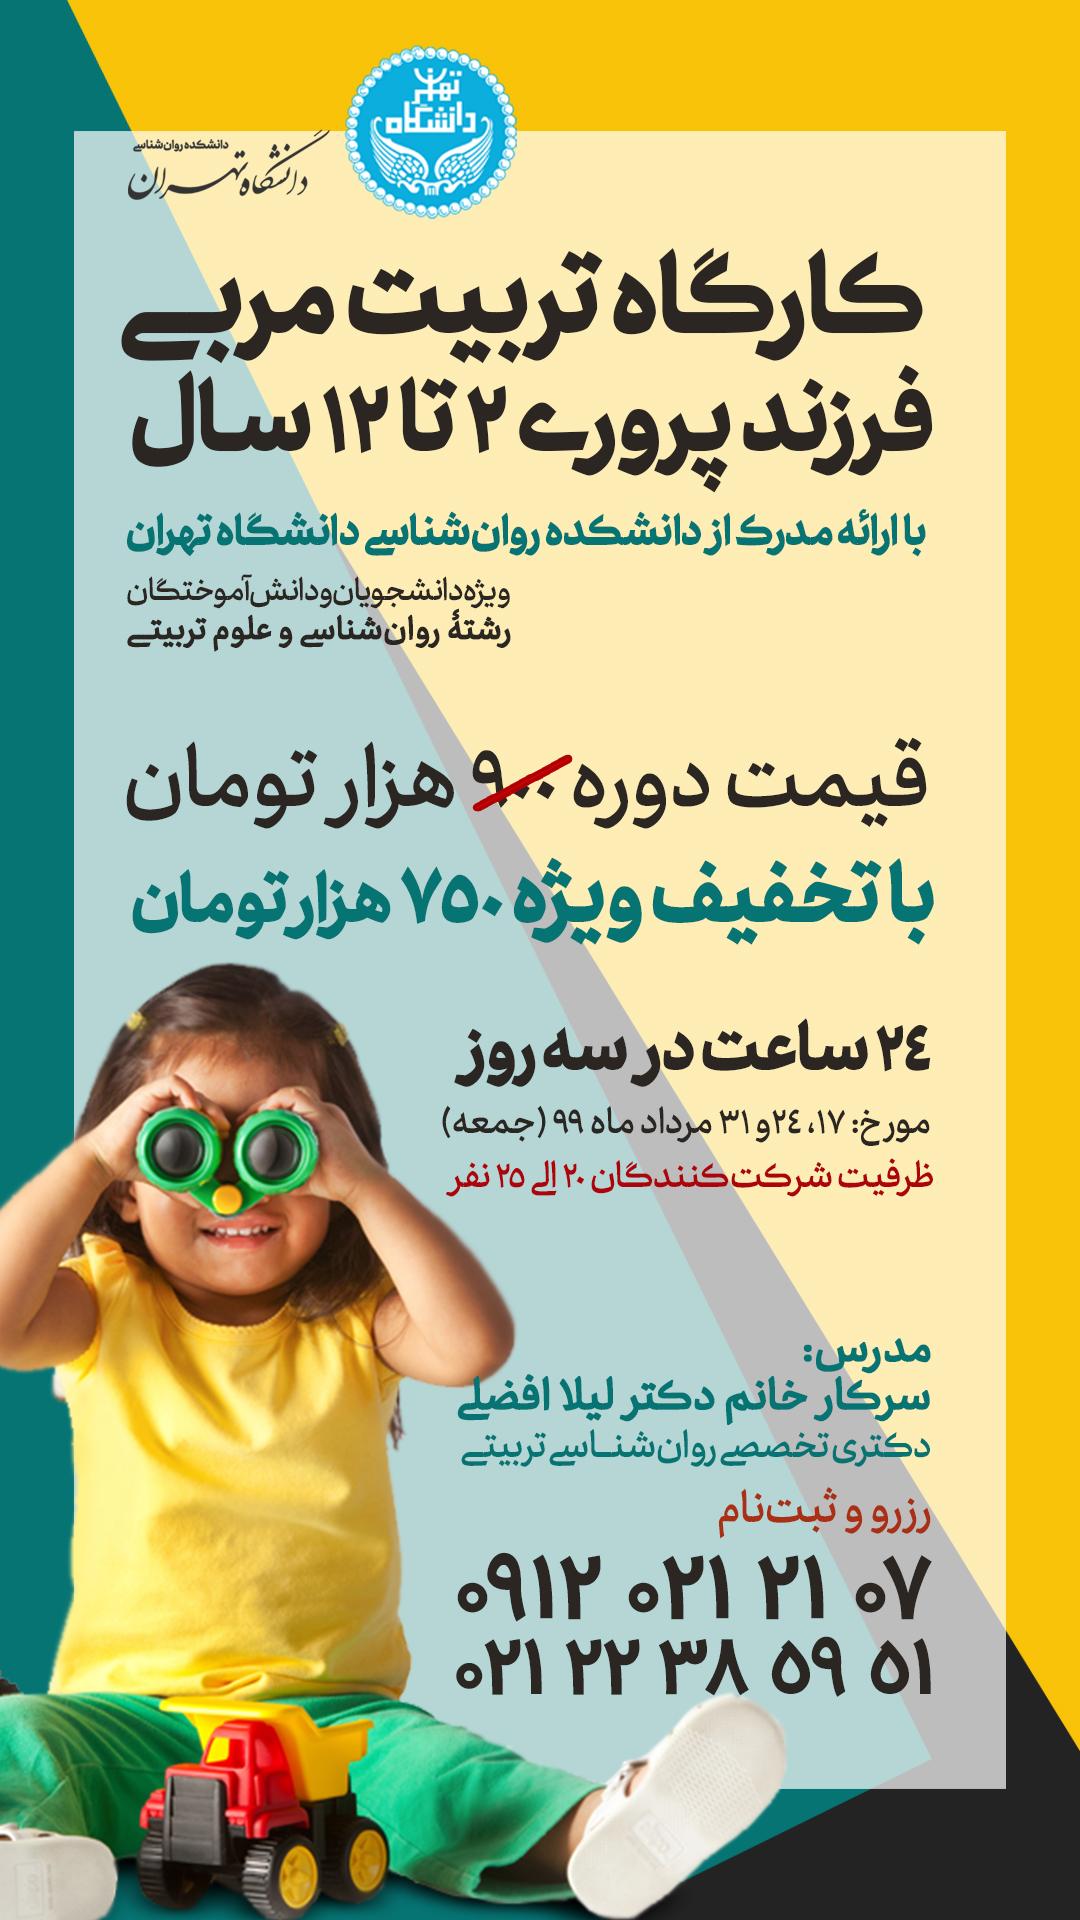 کارگاه آنلاین تربیت مربی فرزندپروری